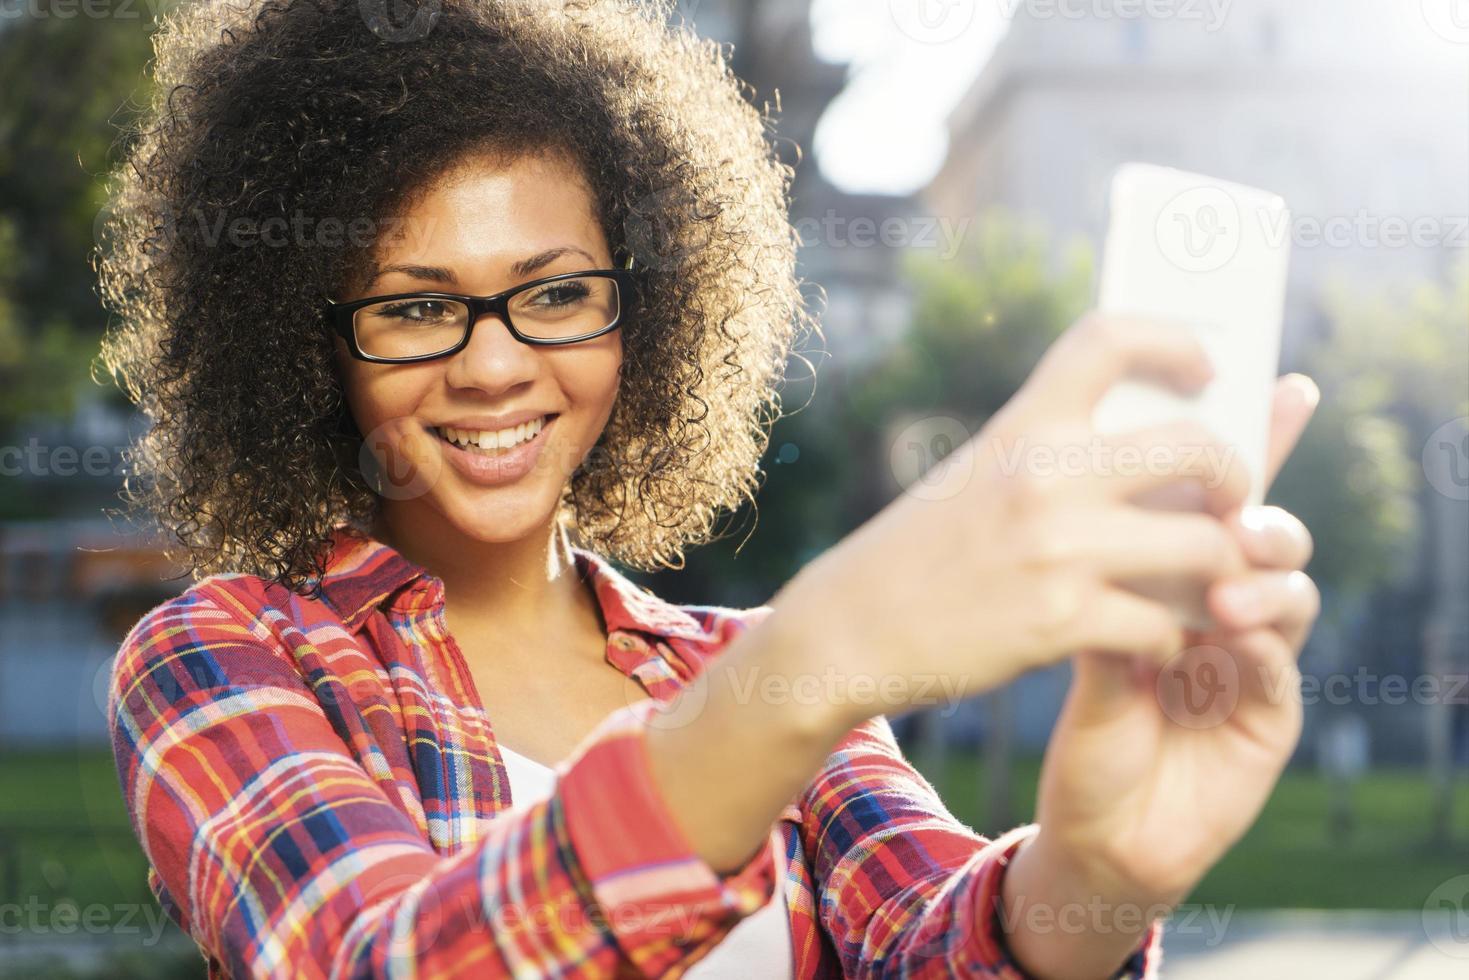 chatta med en vän online foto